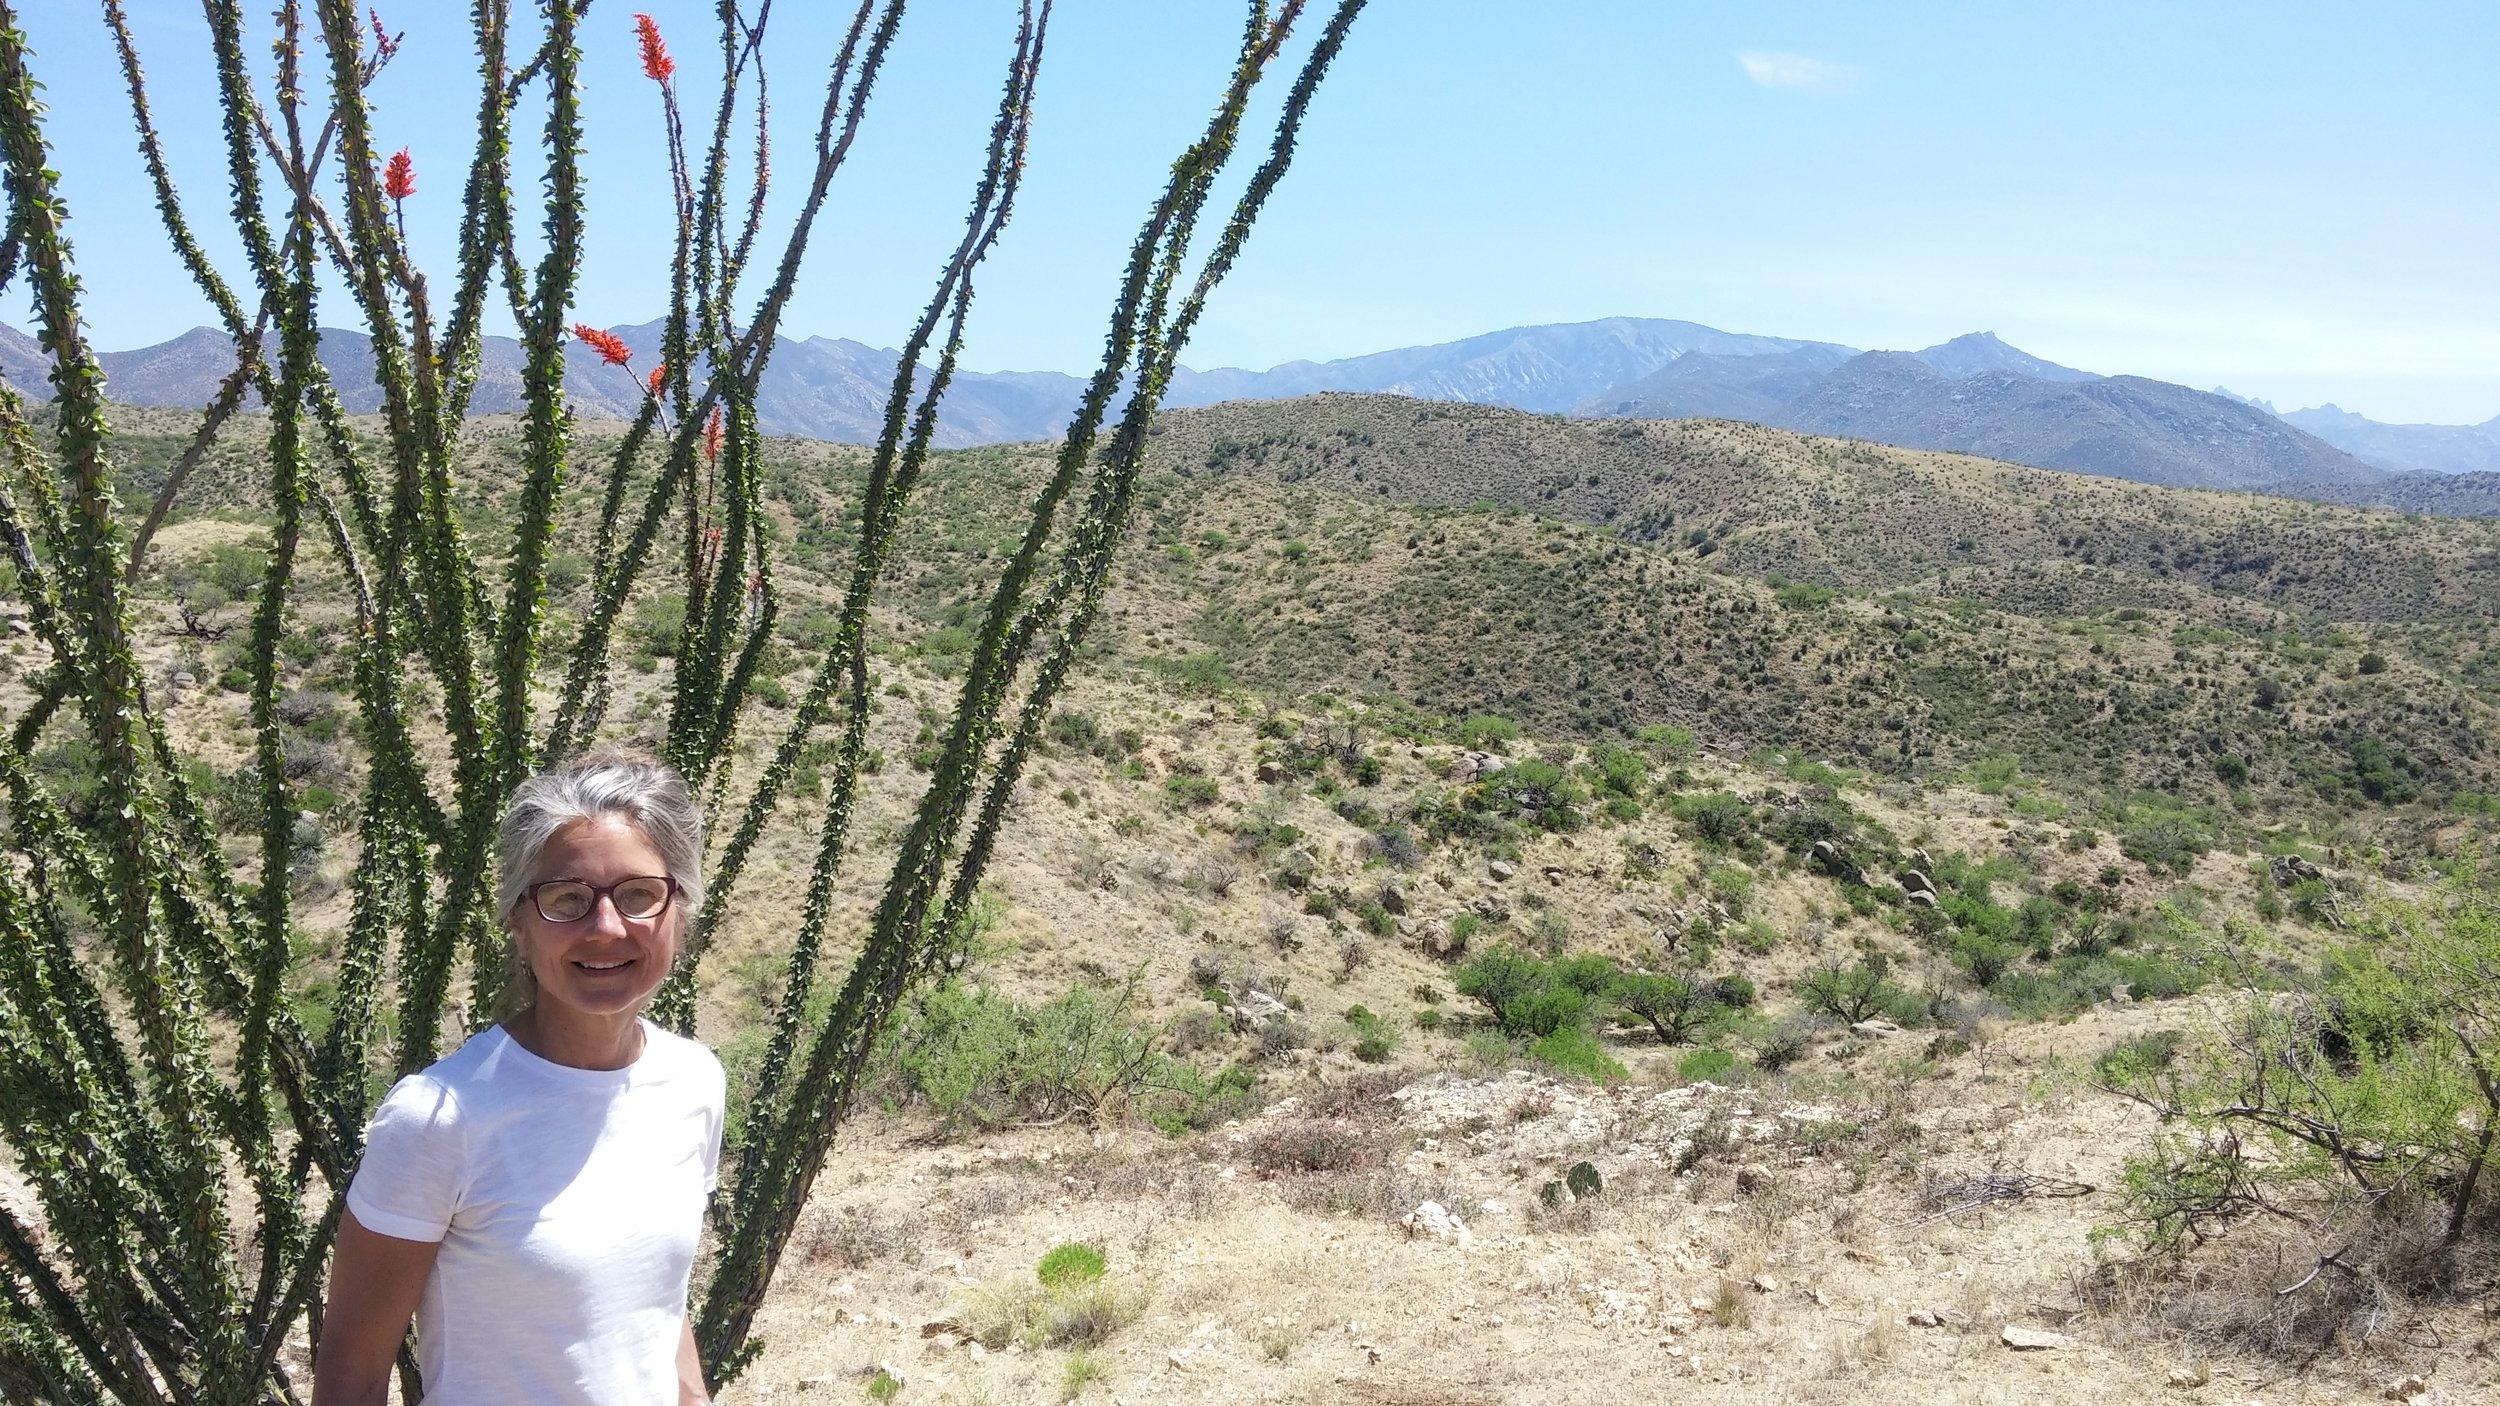 Clare Hirn at Rancho Linda Vista.